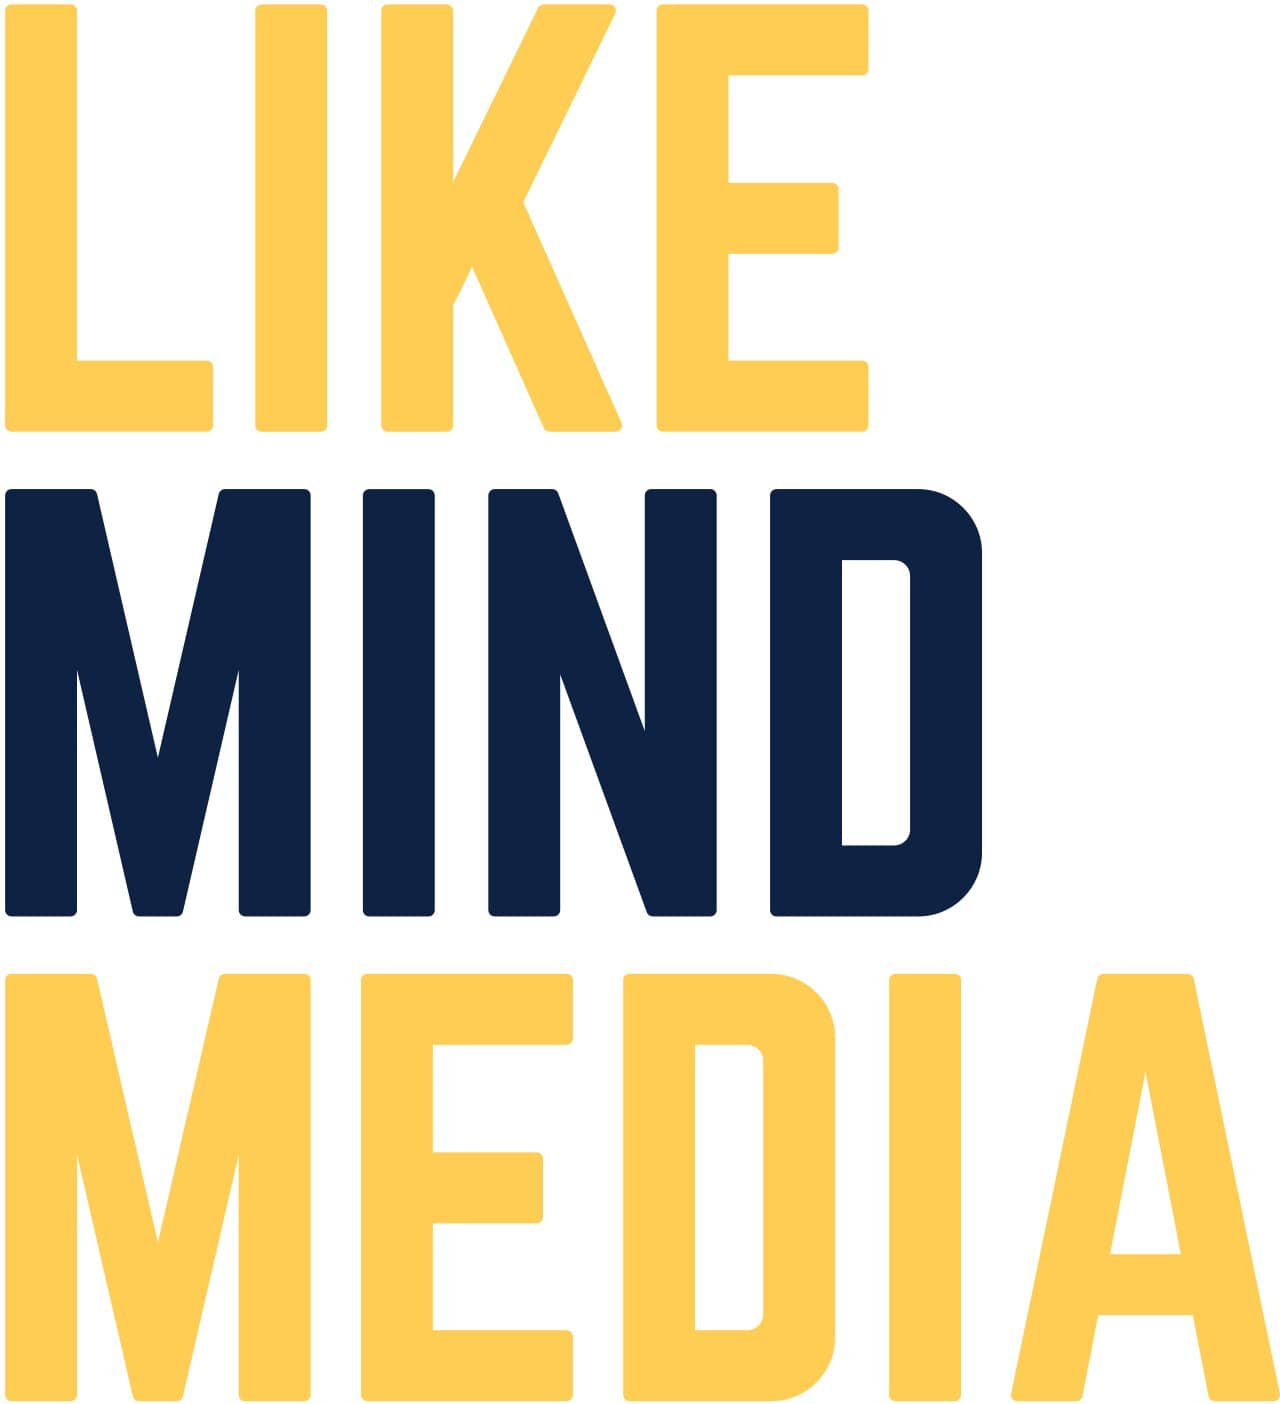 wiredmark logo